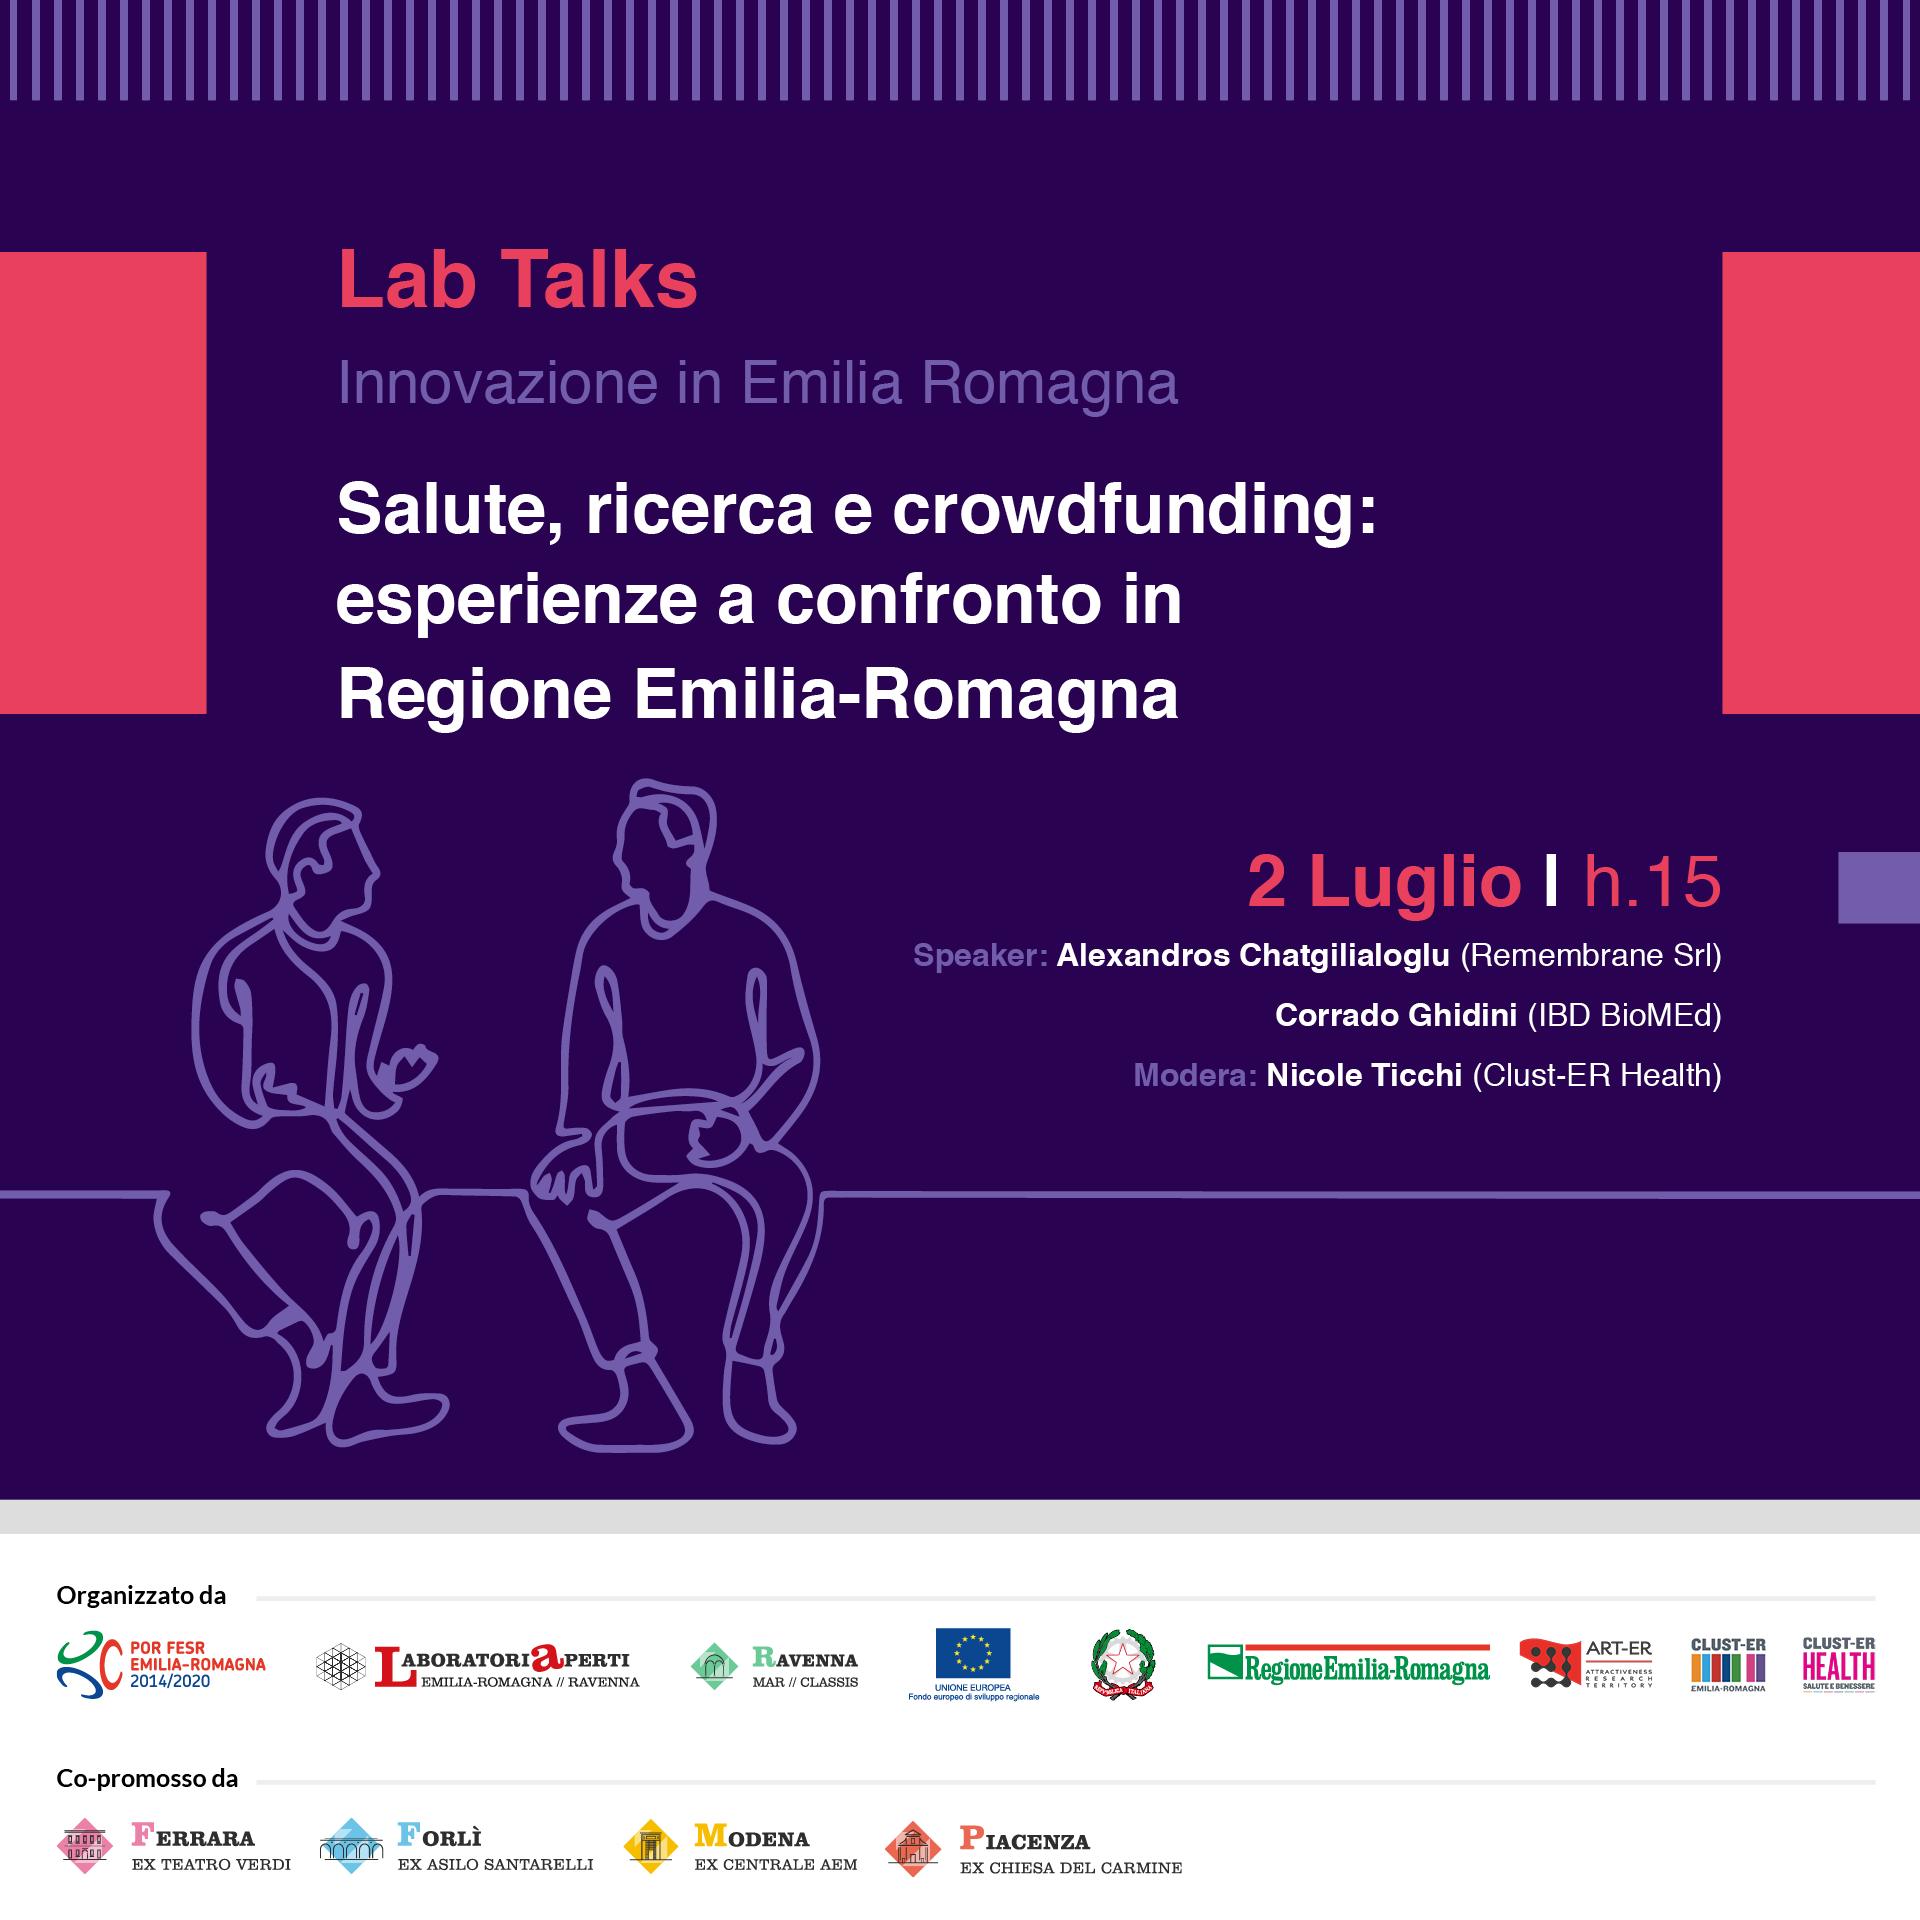 Salute, ricerca e crowdfunding: esperienze a confronto in Emilia-Romagna